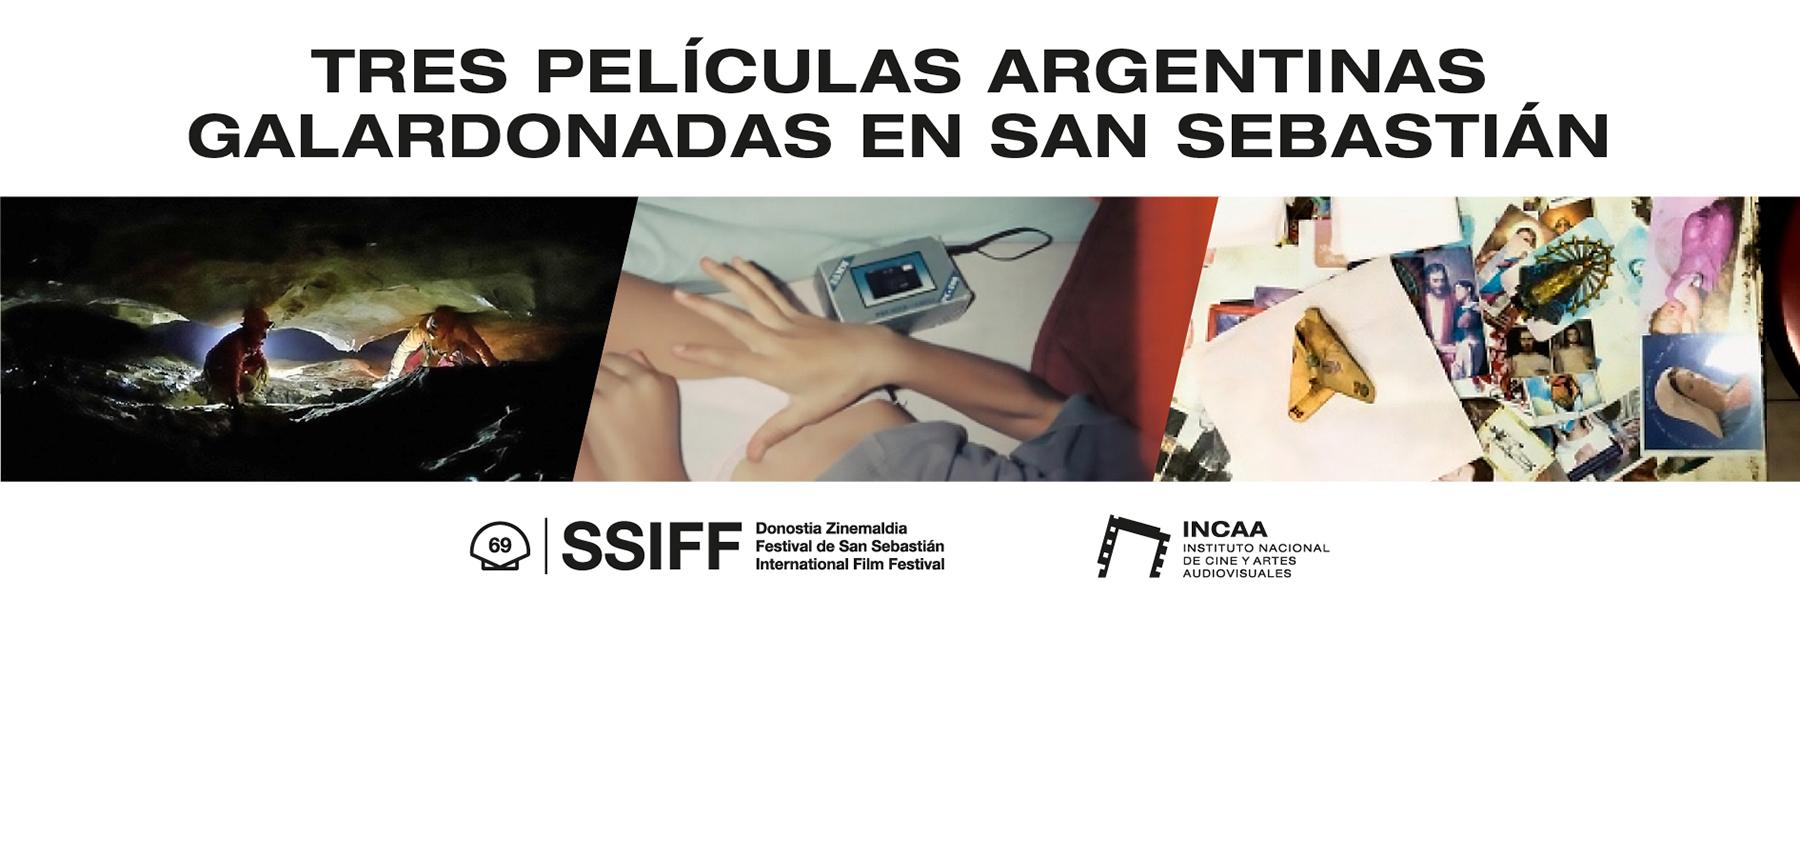 PELÍCULAS ARGENTINAS PREMIADAS EN SAN SEBASTIÁN